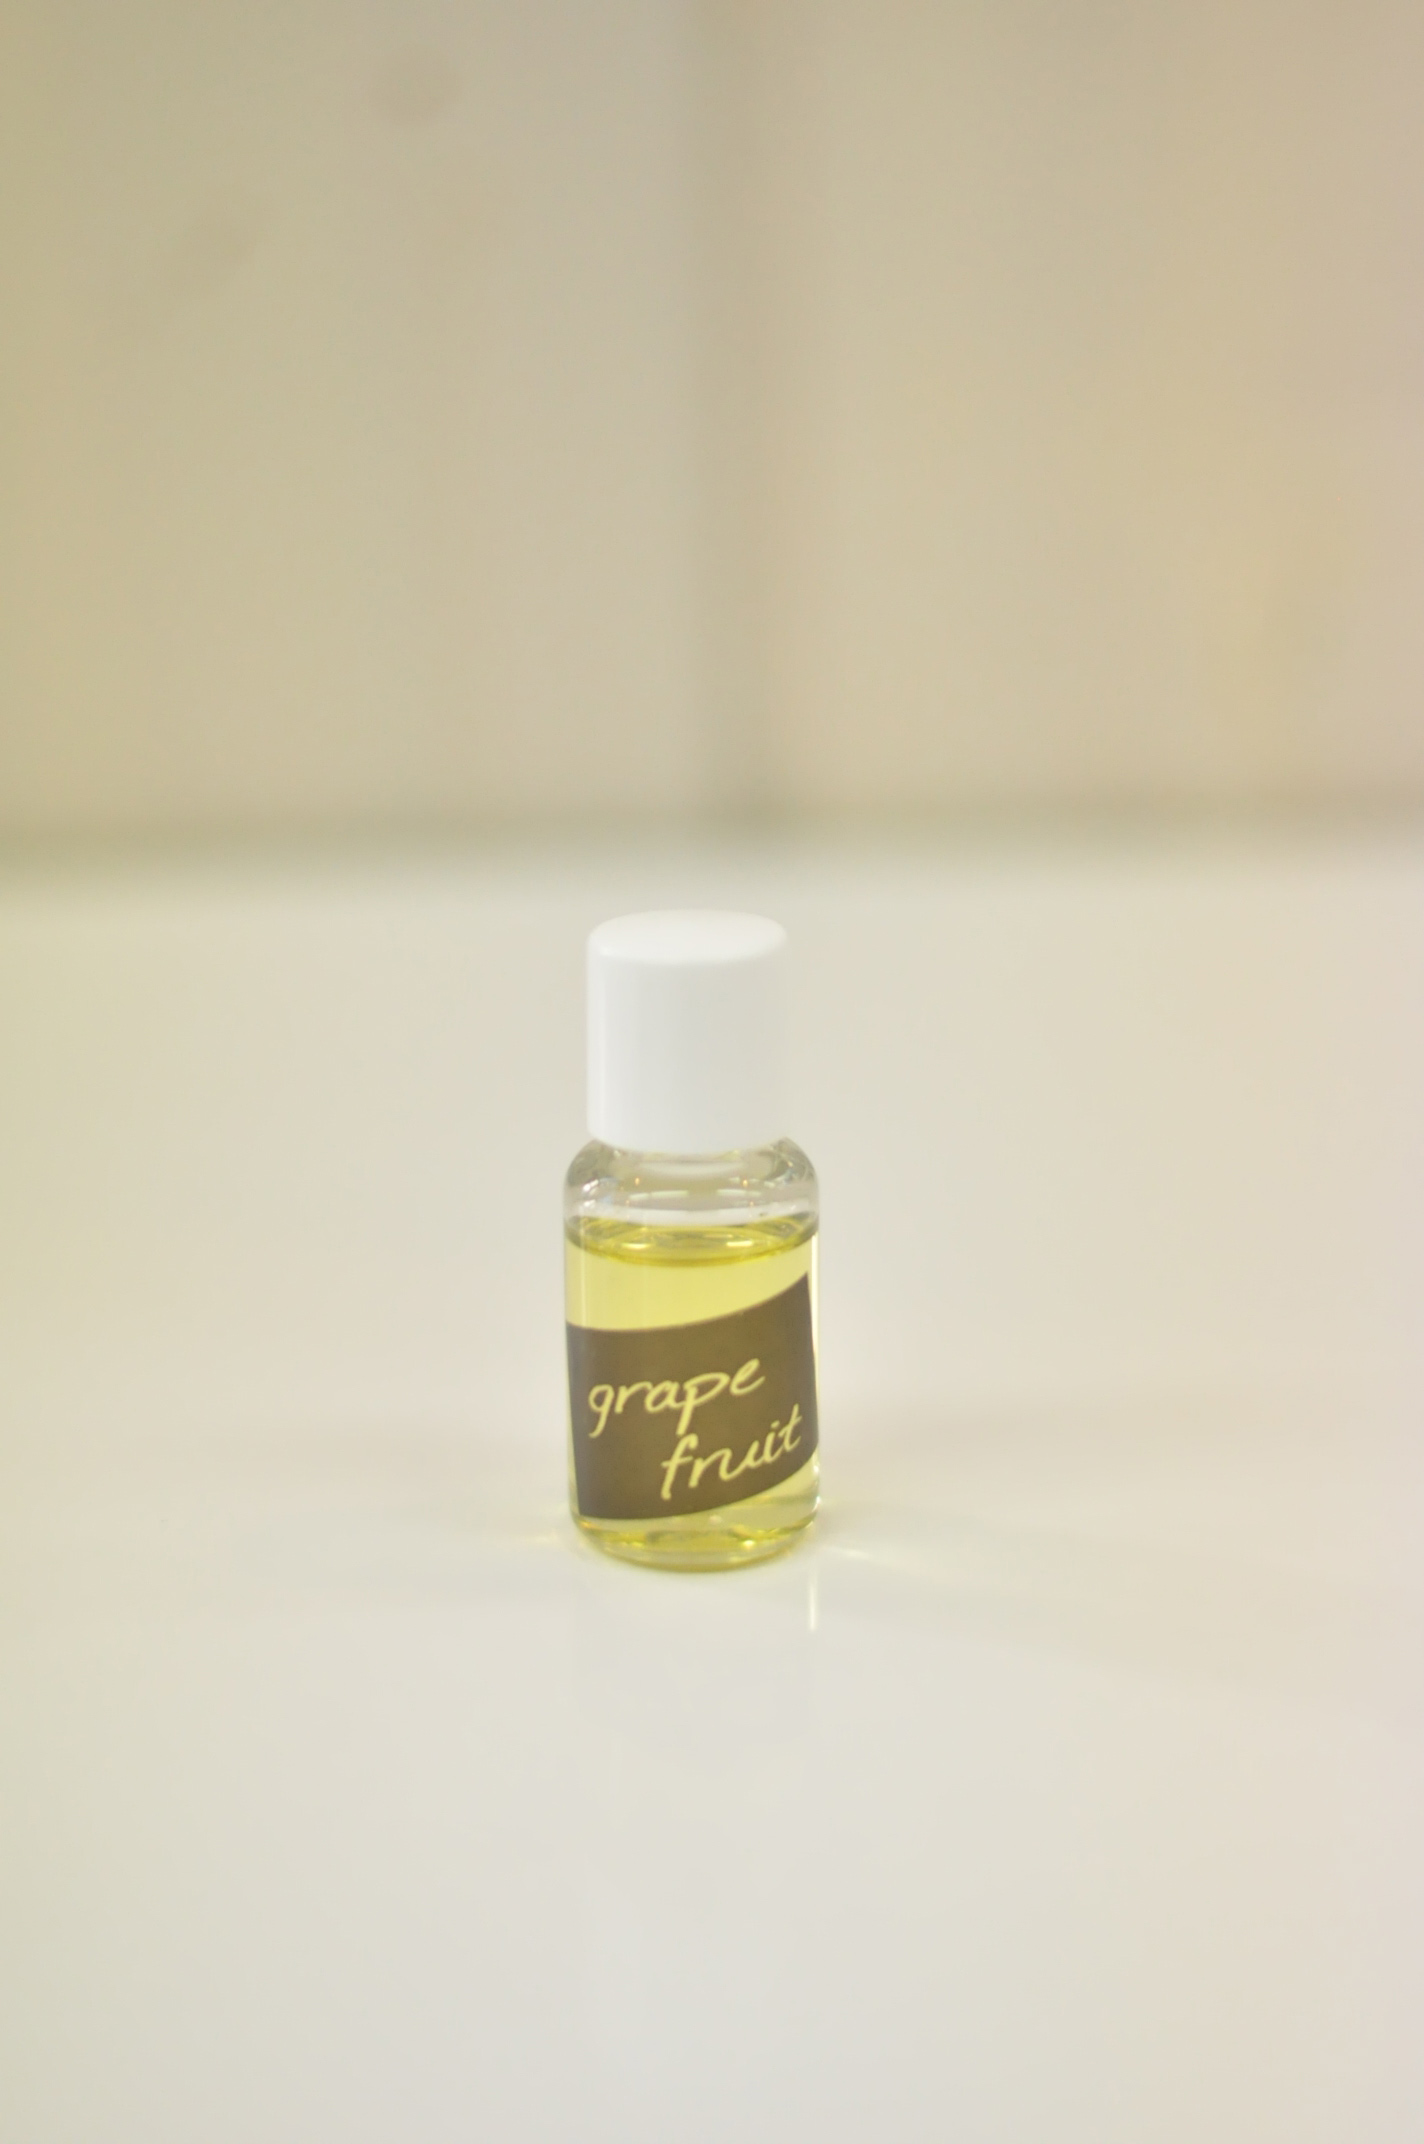 無香料タイプのアピカルブランドシャンプー、トリートメントに入れてお使い頂く香りのエッセンス。 入れる種類や量を変えられるので、自分好みの香りを楽しめます。